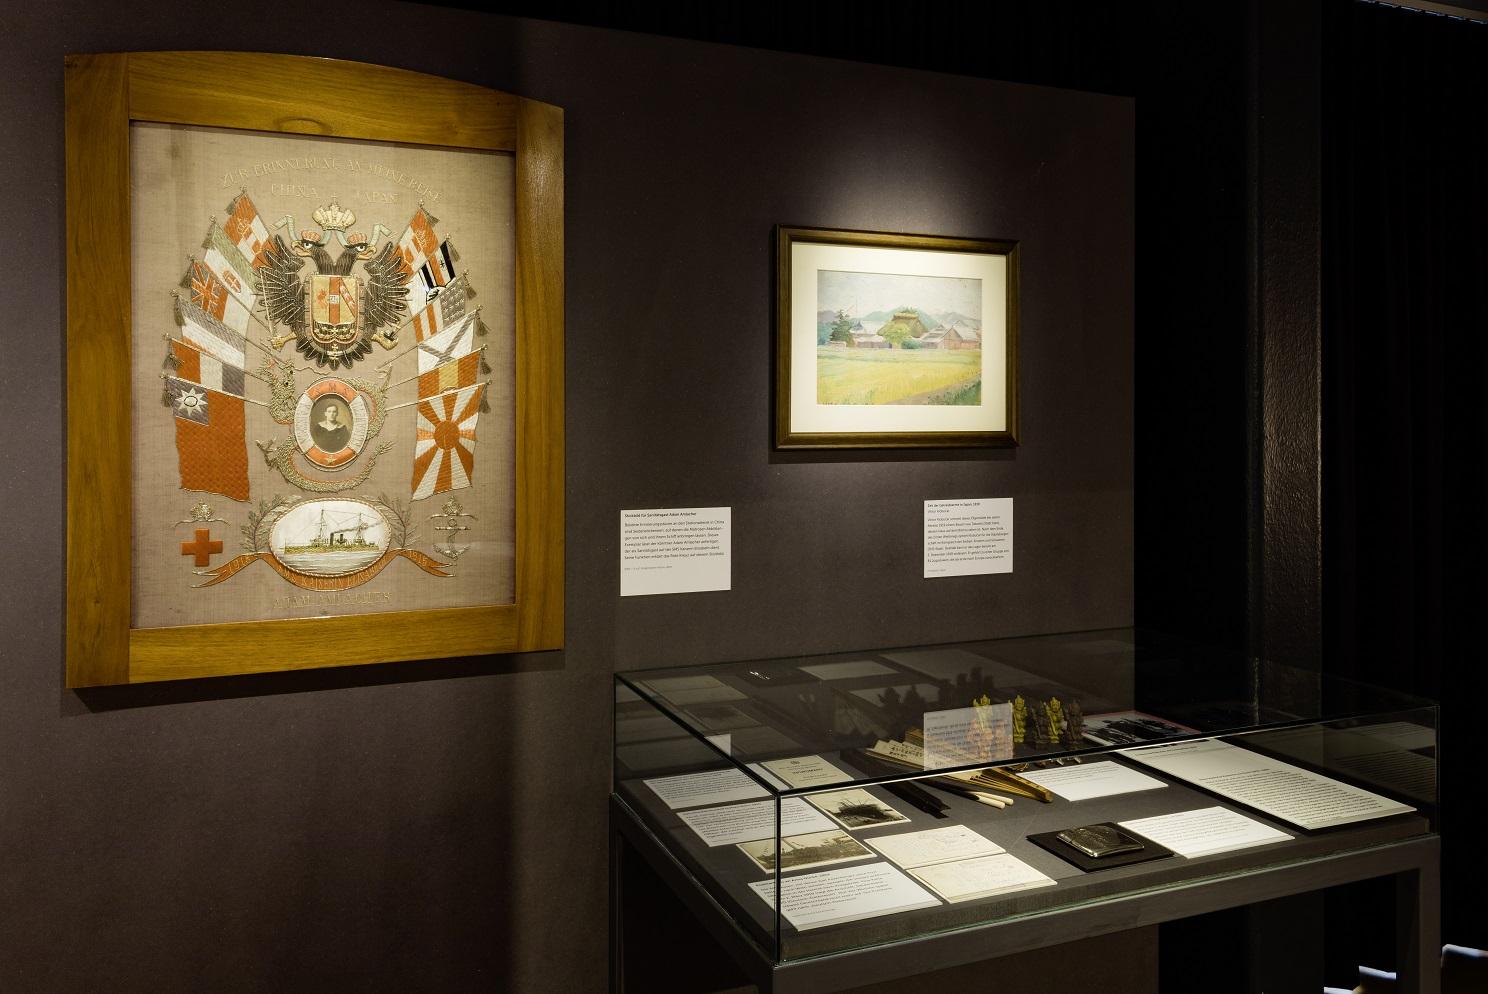 Ausstellung AONOGAHARA; Bildquelle: Christoph Fuchs